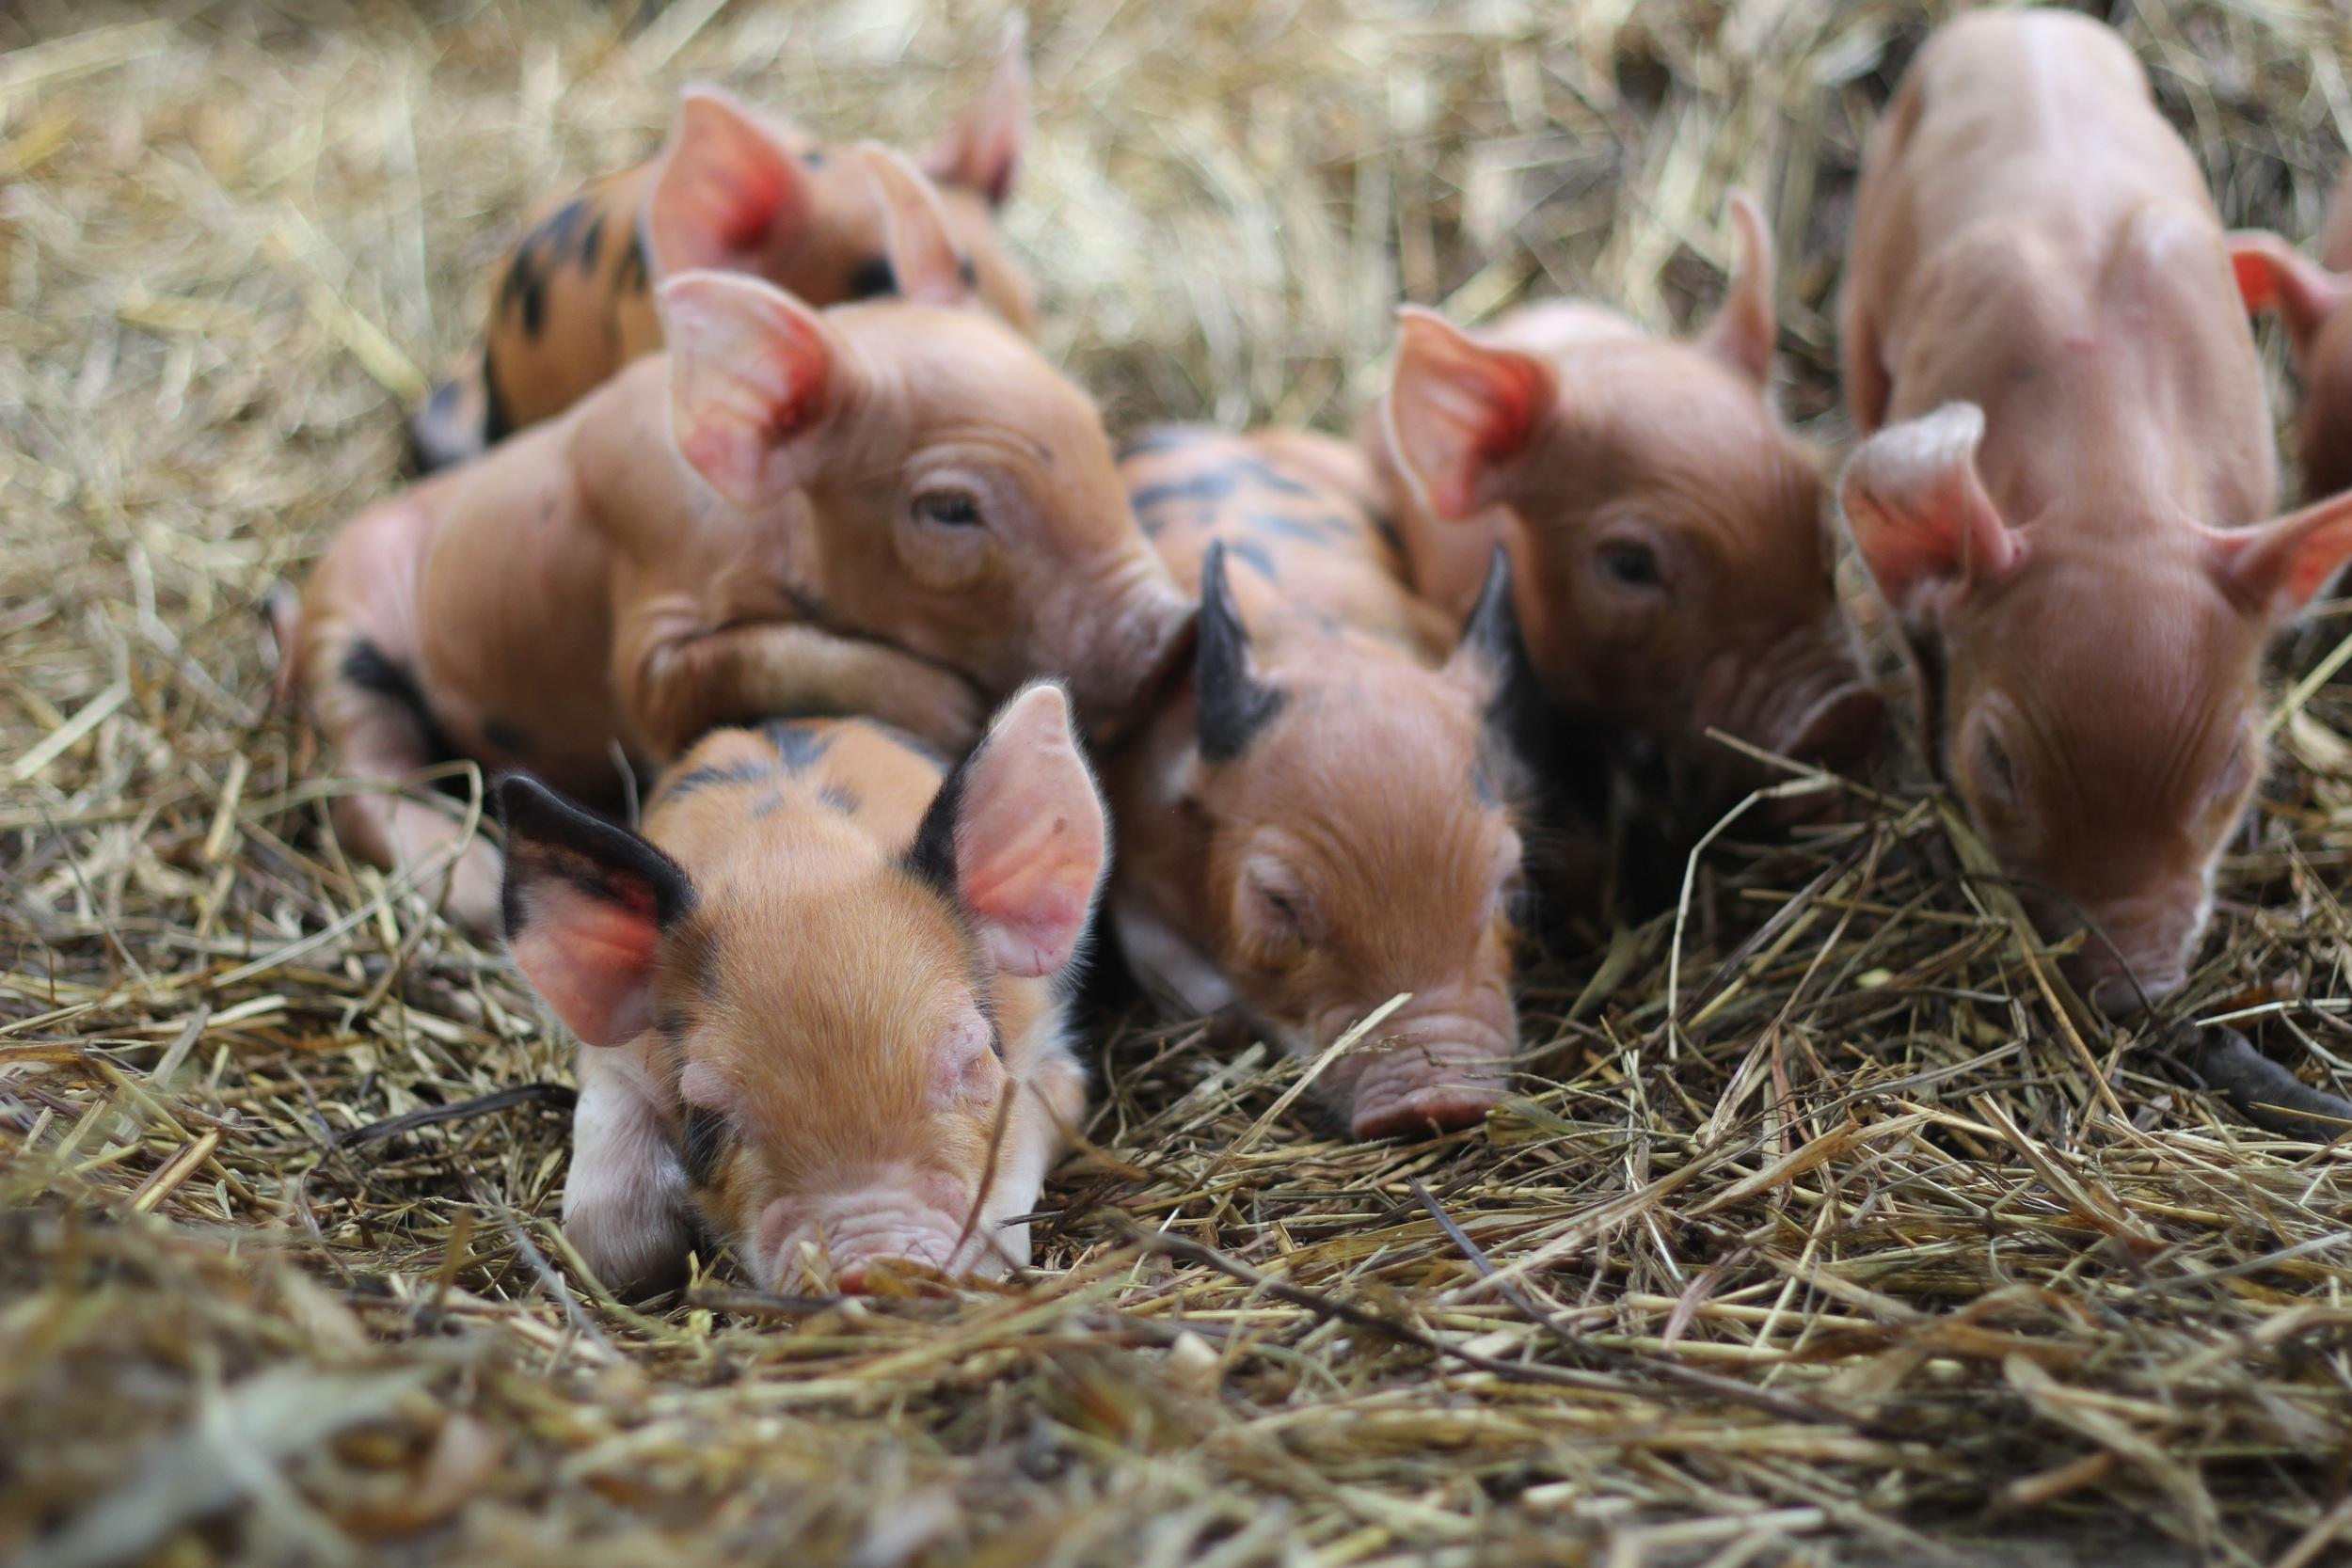 Sleepy Piglets